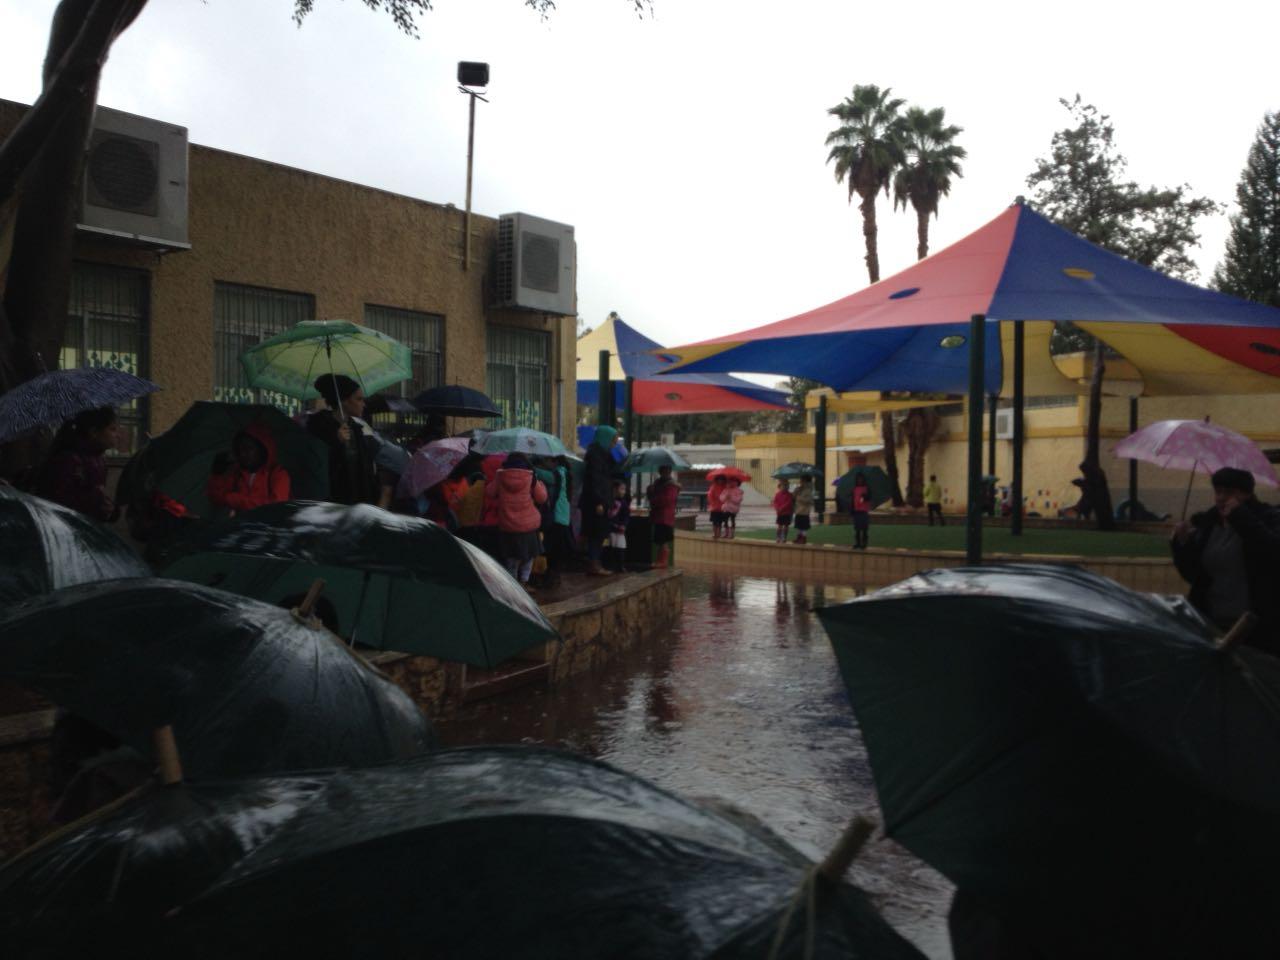 בית ספר מורשה, גשמים פתח תקווה